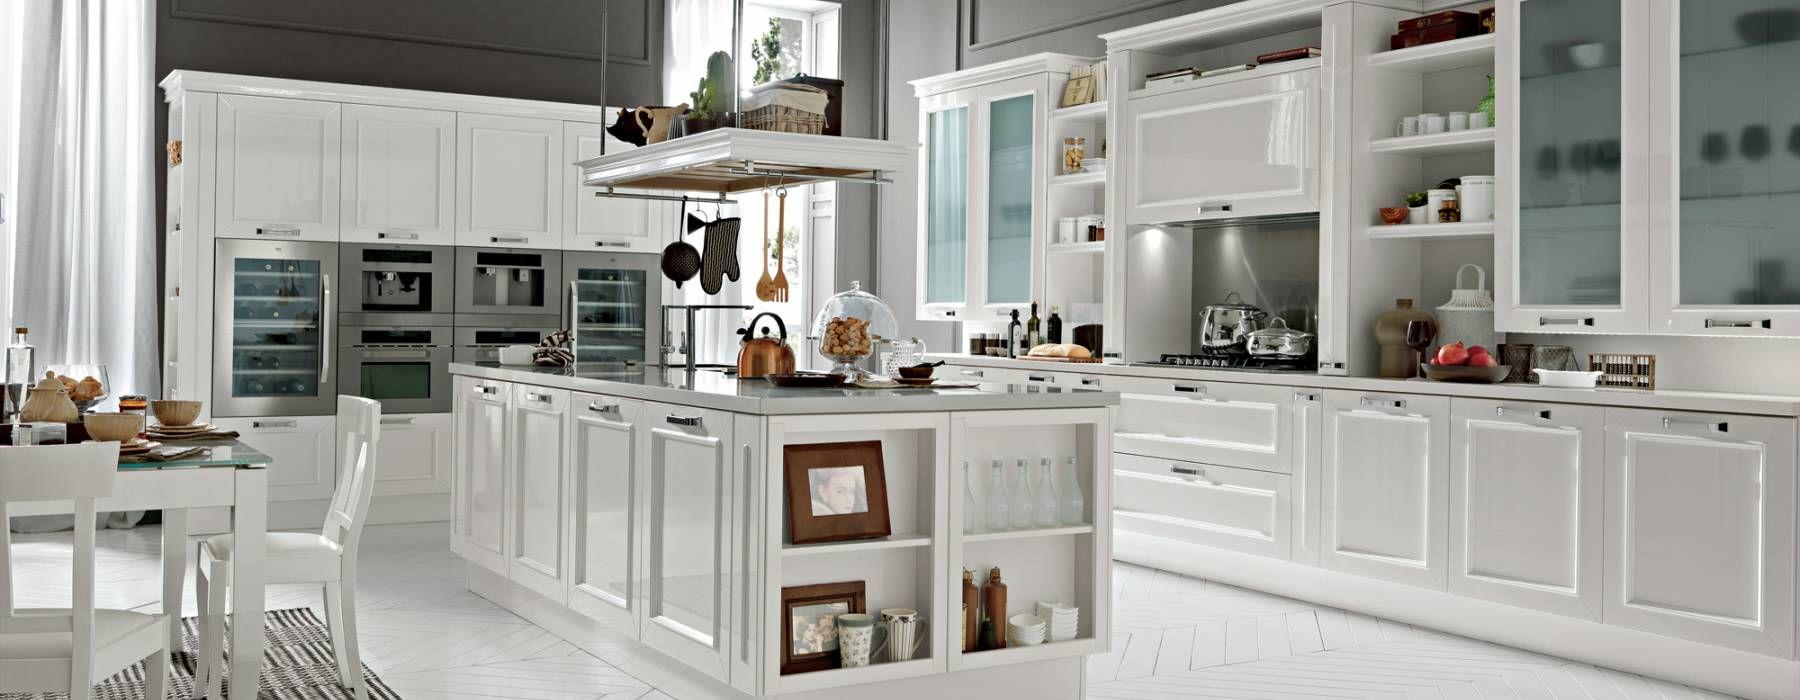 Vendita cucine febal: acquista arredo cucine innovazione dream ...